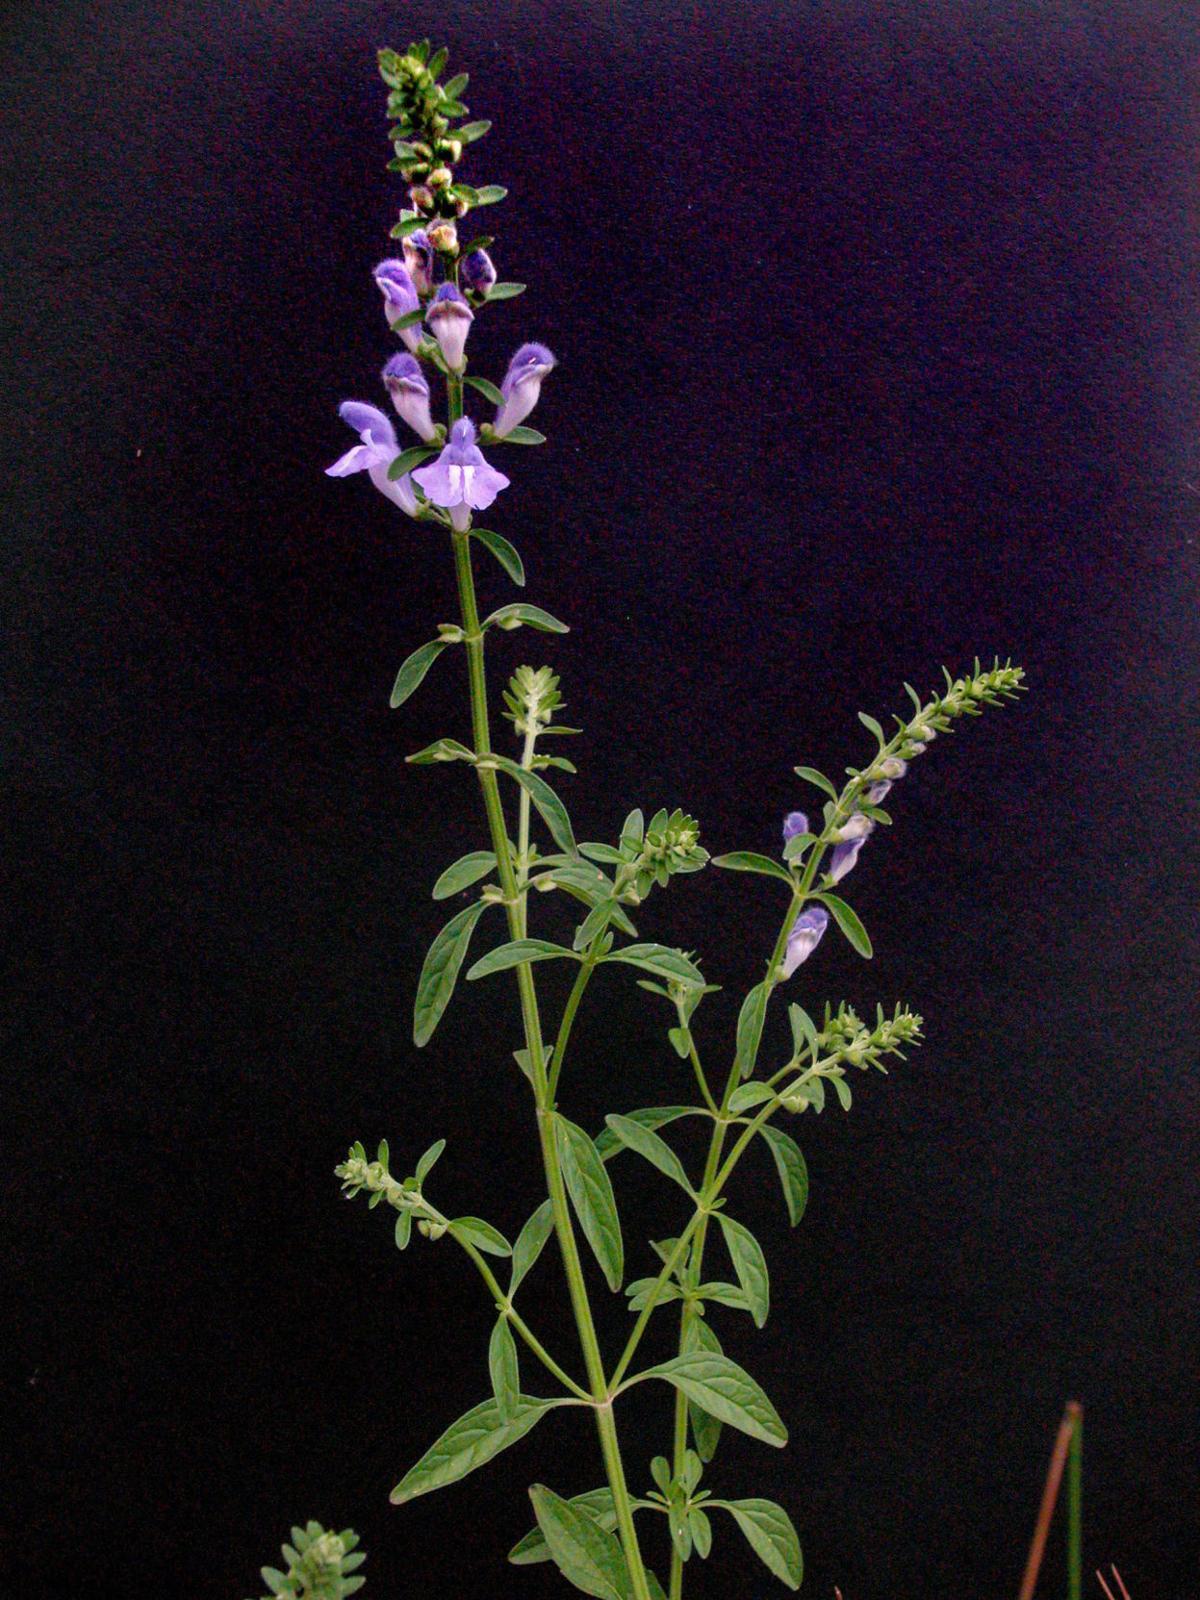 071418mysteryplant